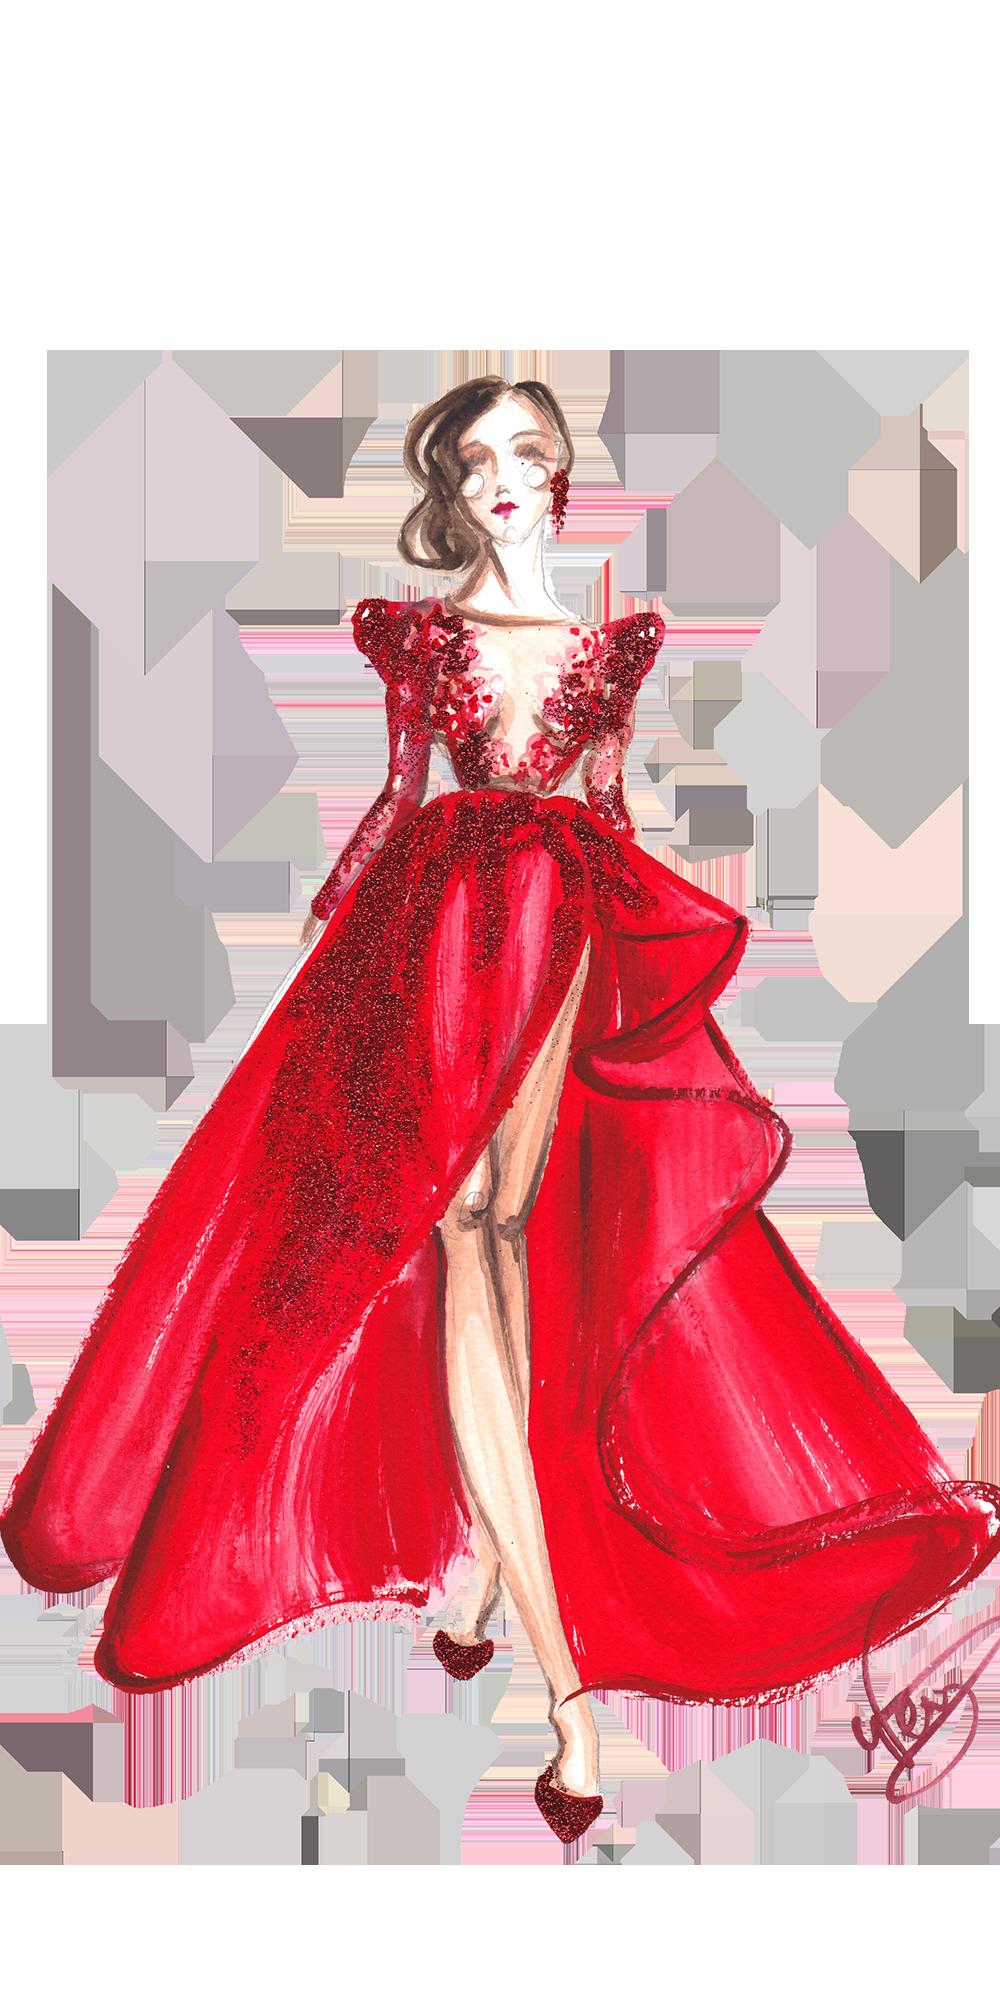 Girl Boss Red Dress Art Painting